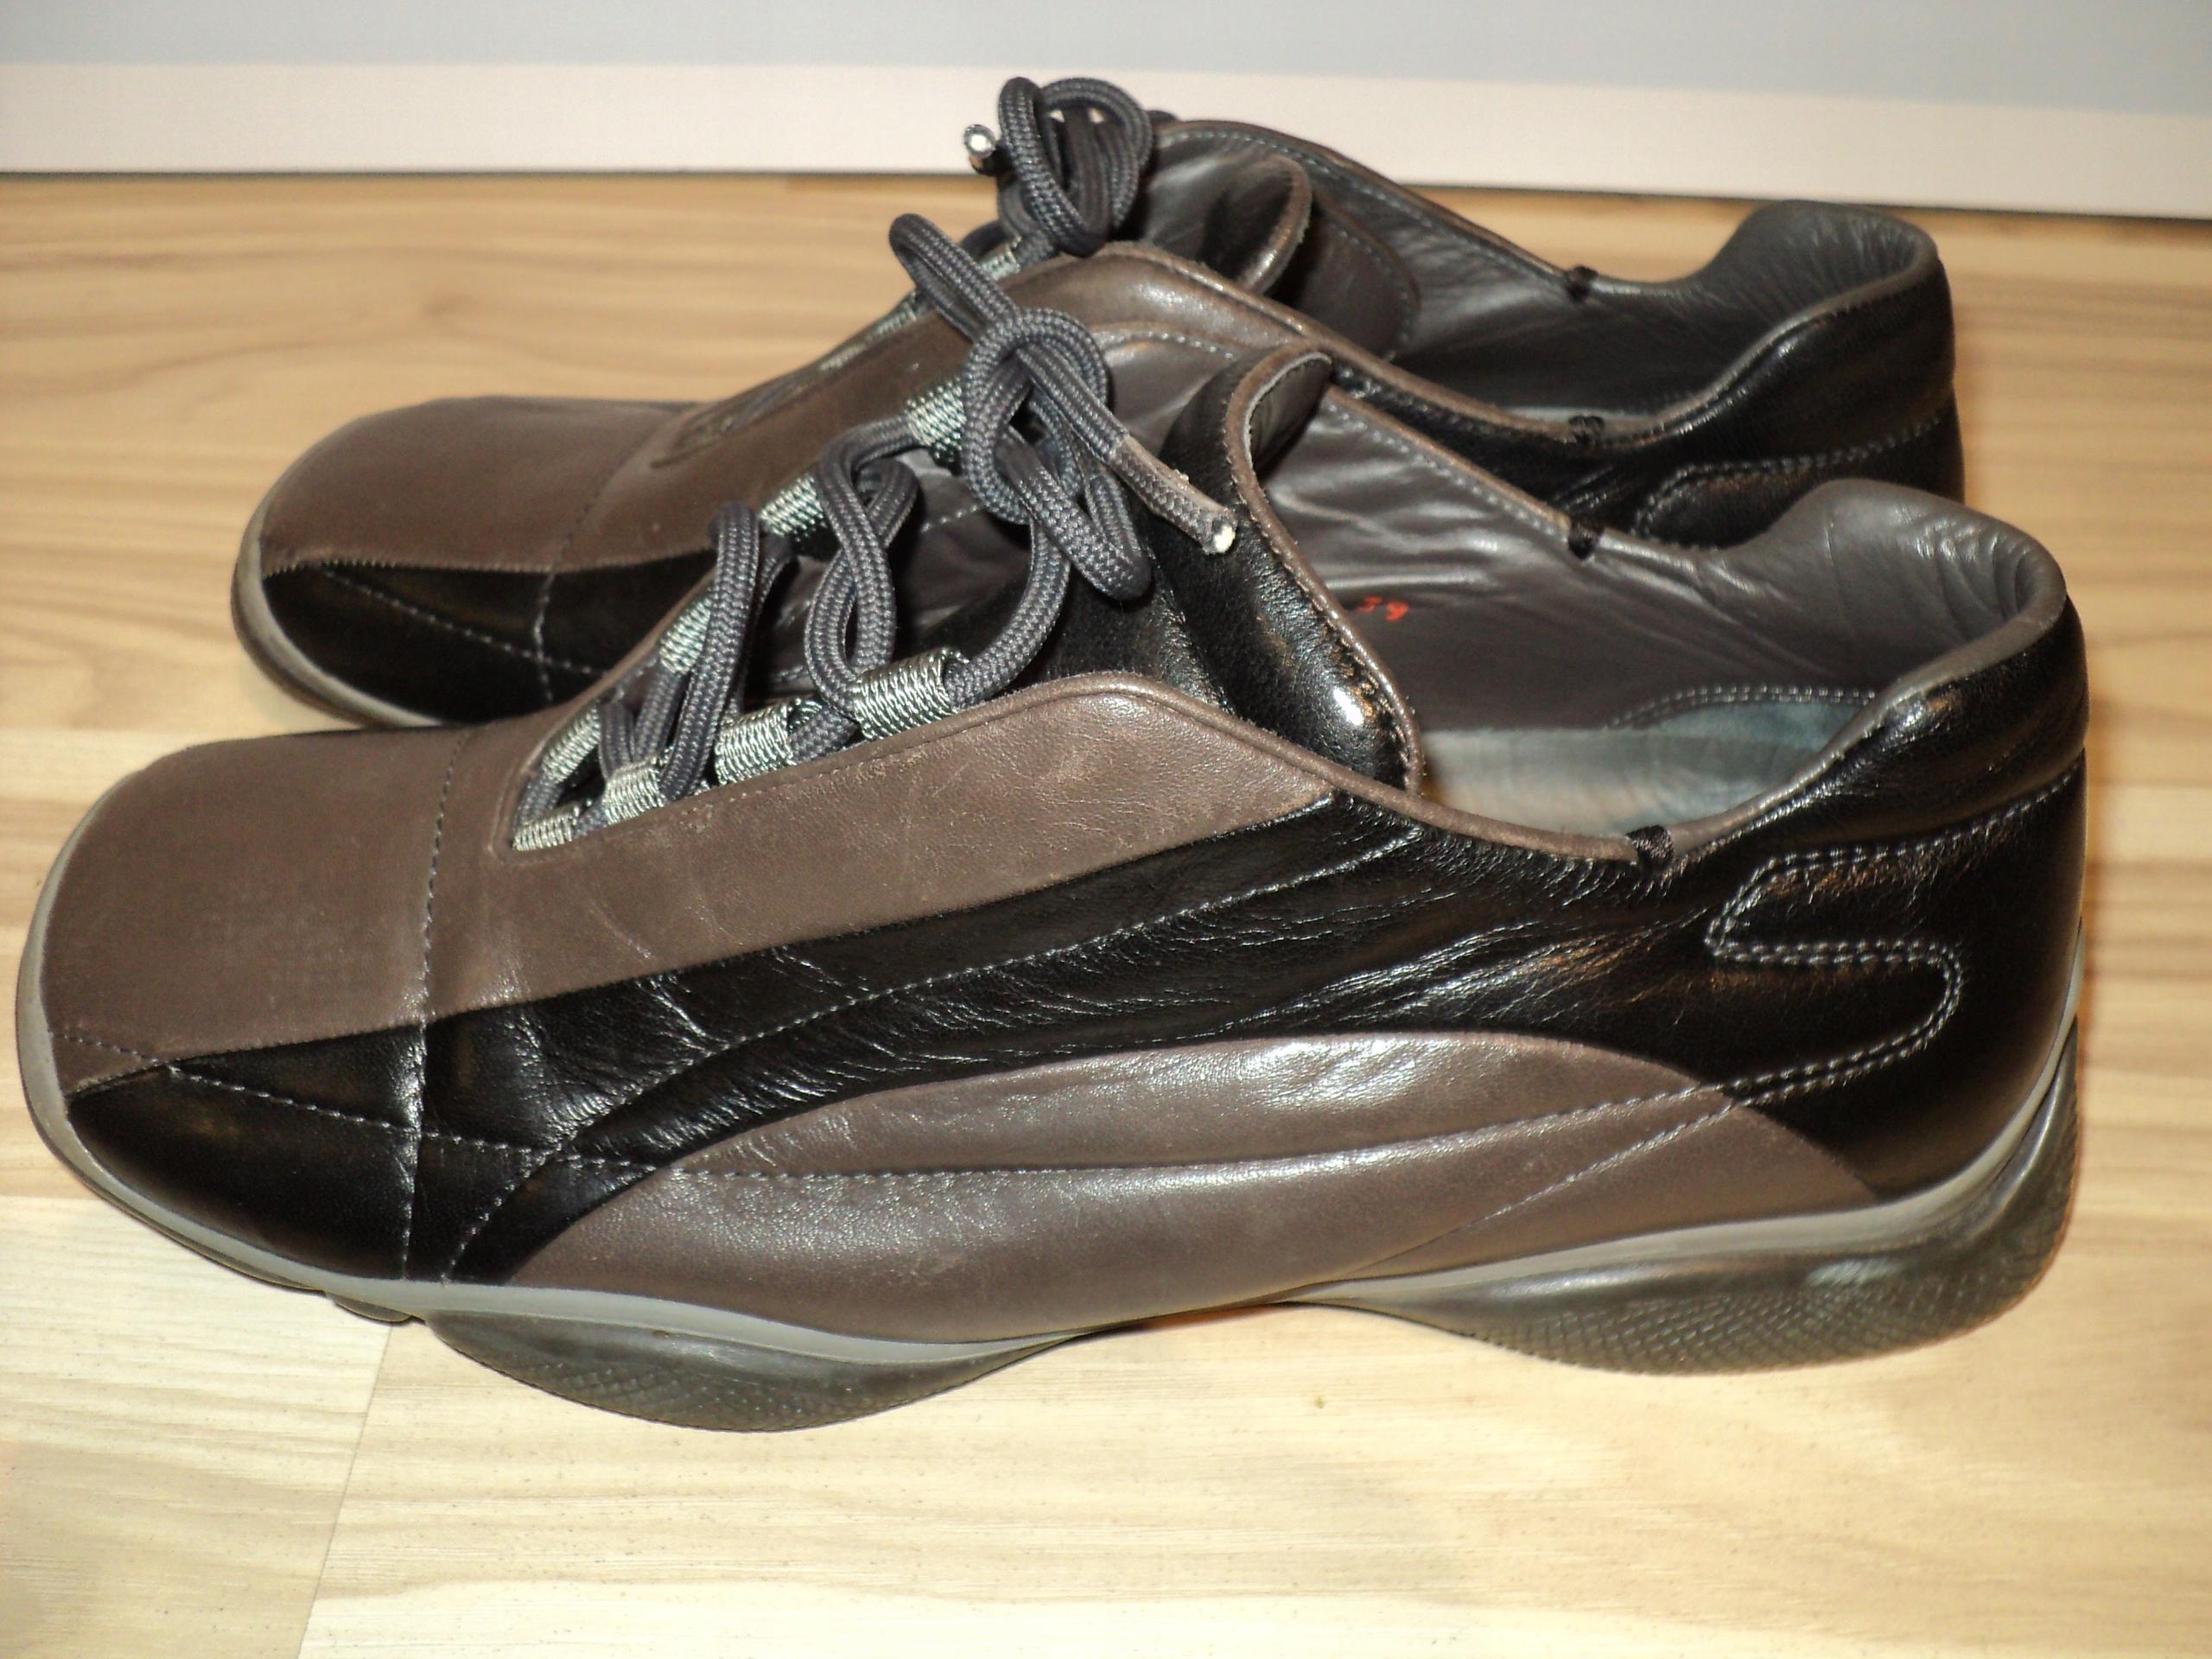 5840dc847510a PRADA buty nowe 39 ITALY skóra - 7675885601 - oficjalne archiwum allegro